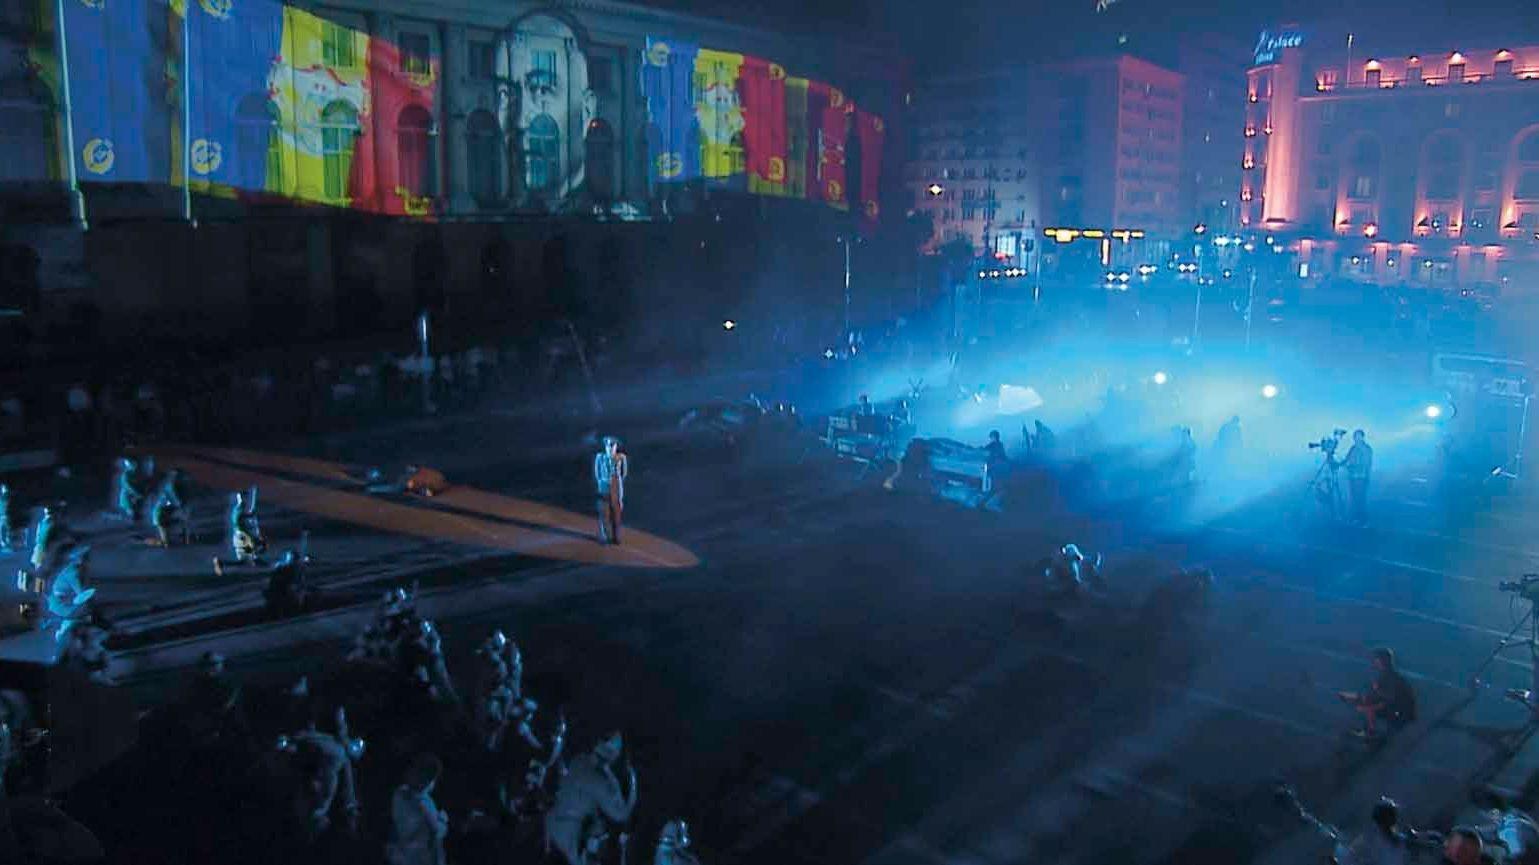 Man sieht einen großen Platz bei Nacht, auf dem ein Theaterstück aufgeführt wird.